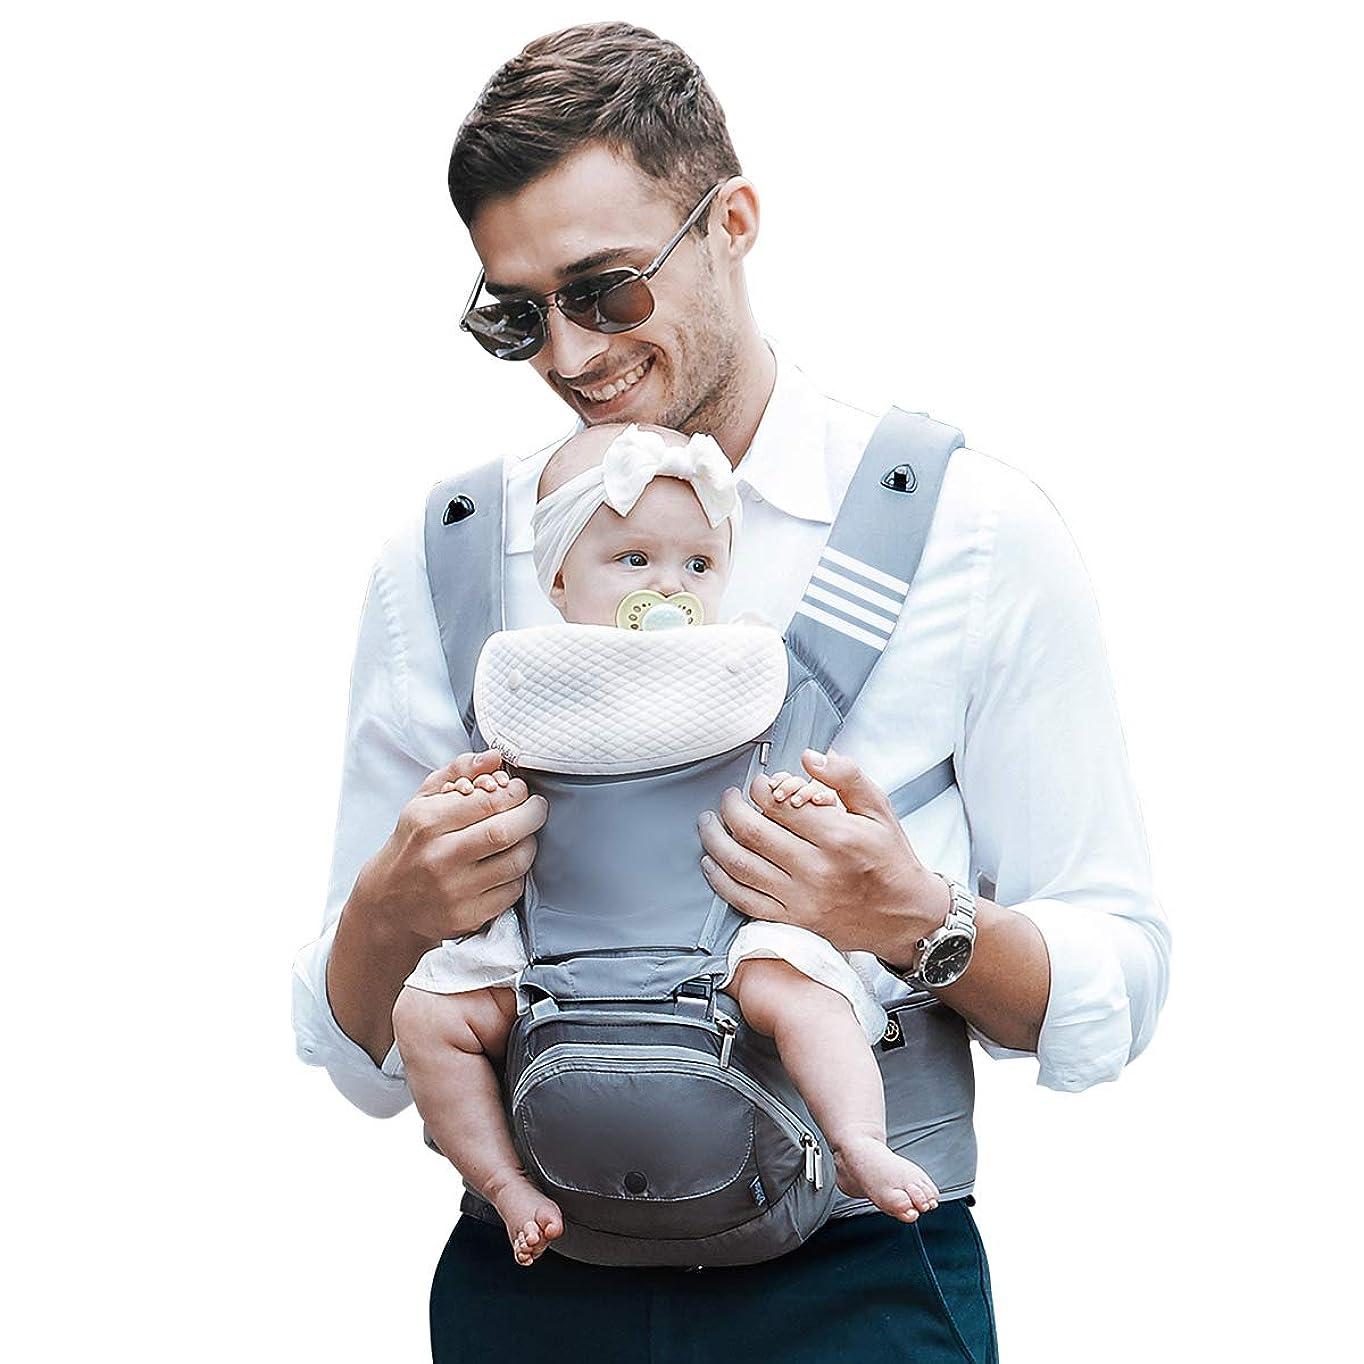 発行駅少し【ベビーアムール】Bebamour 抱っこひも 新生児 6way ベビーキャリア たためるヒップシート 3D低反発座面 負担軽減 前向き おんぶ 快適 (グレー)